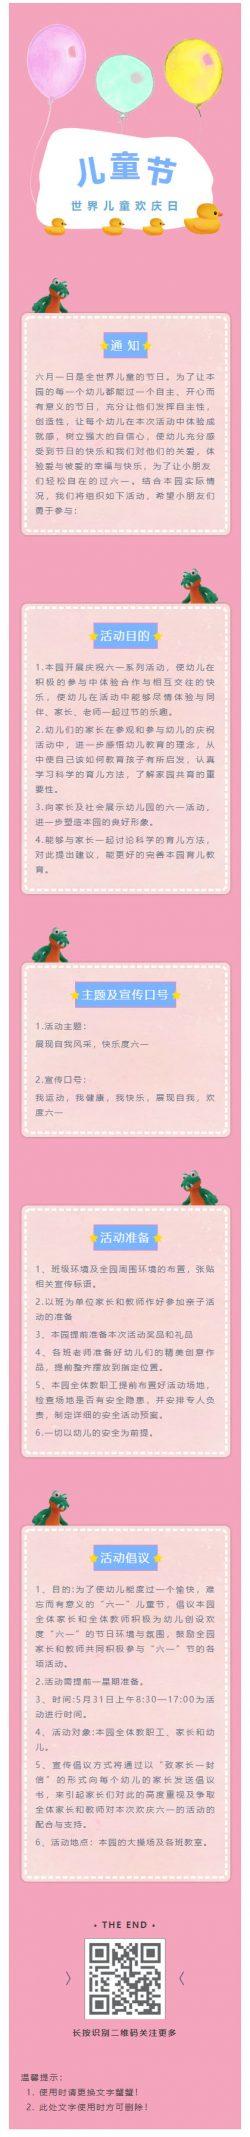 六月一日是全世界儿童的节日61儿童节粉红色微信推送文章可爱风格